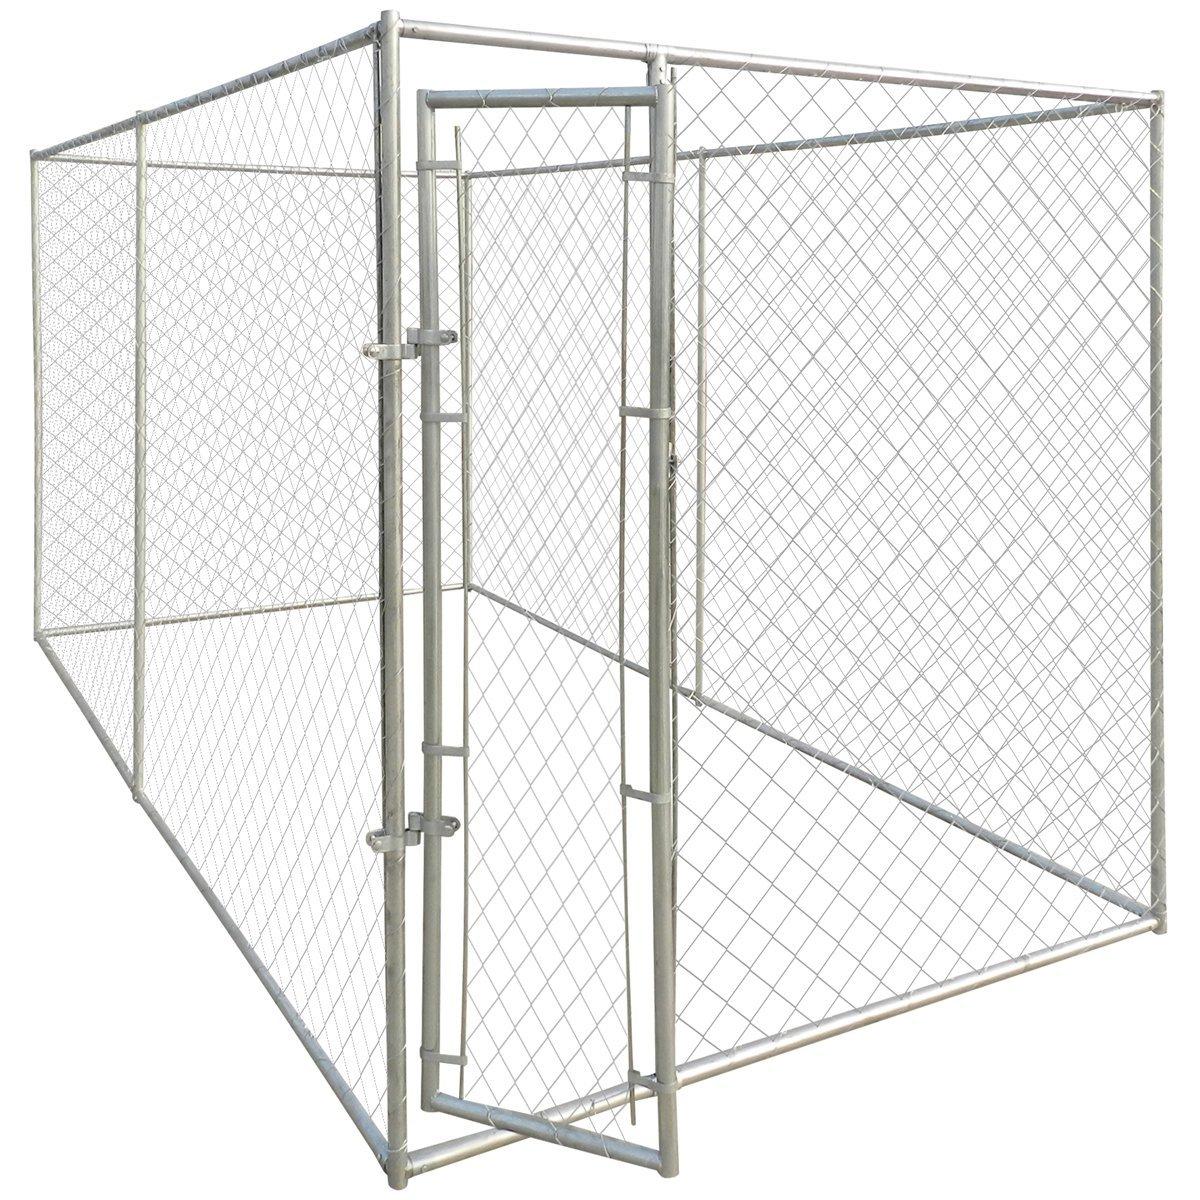 VidaXL Gabion Basket U-Shape Steel 160x20x150cm Garden Stone Rock Wire Fence